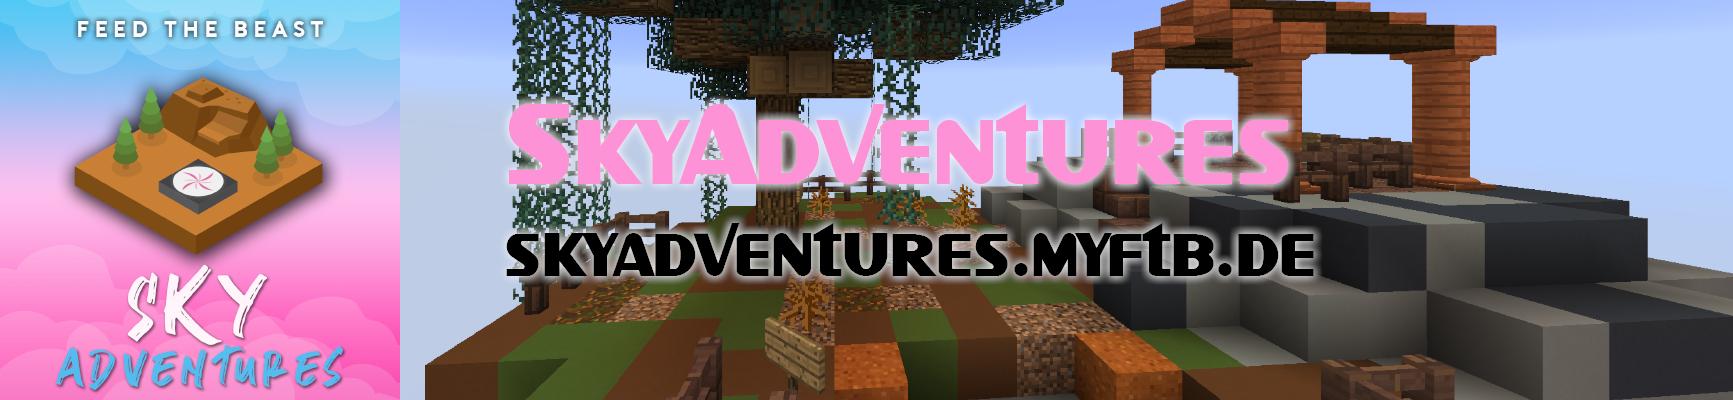 SkyAdventures